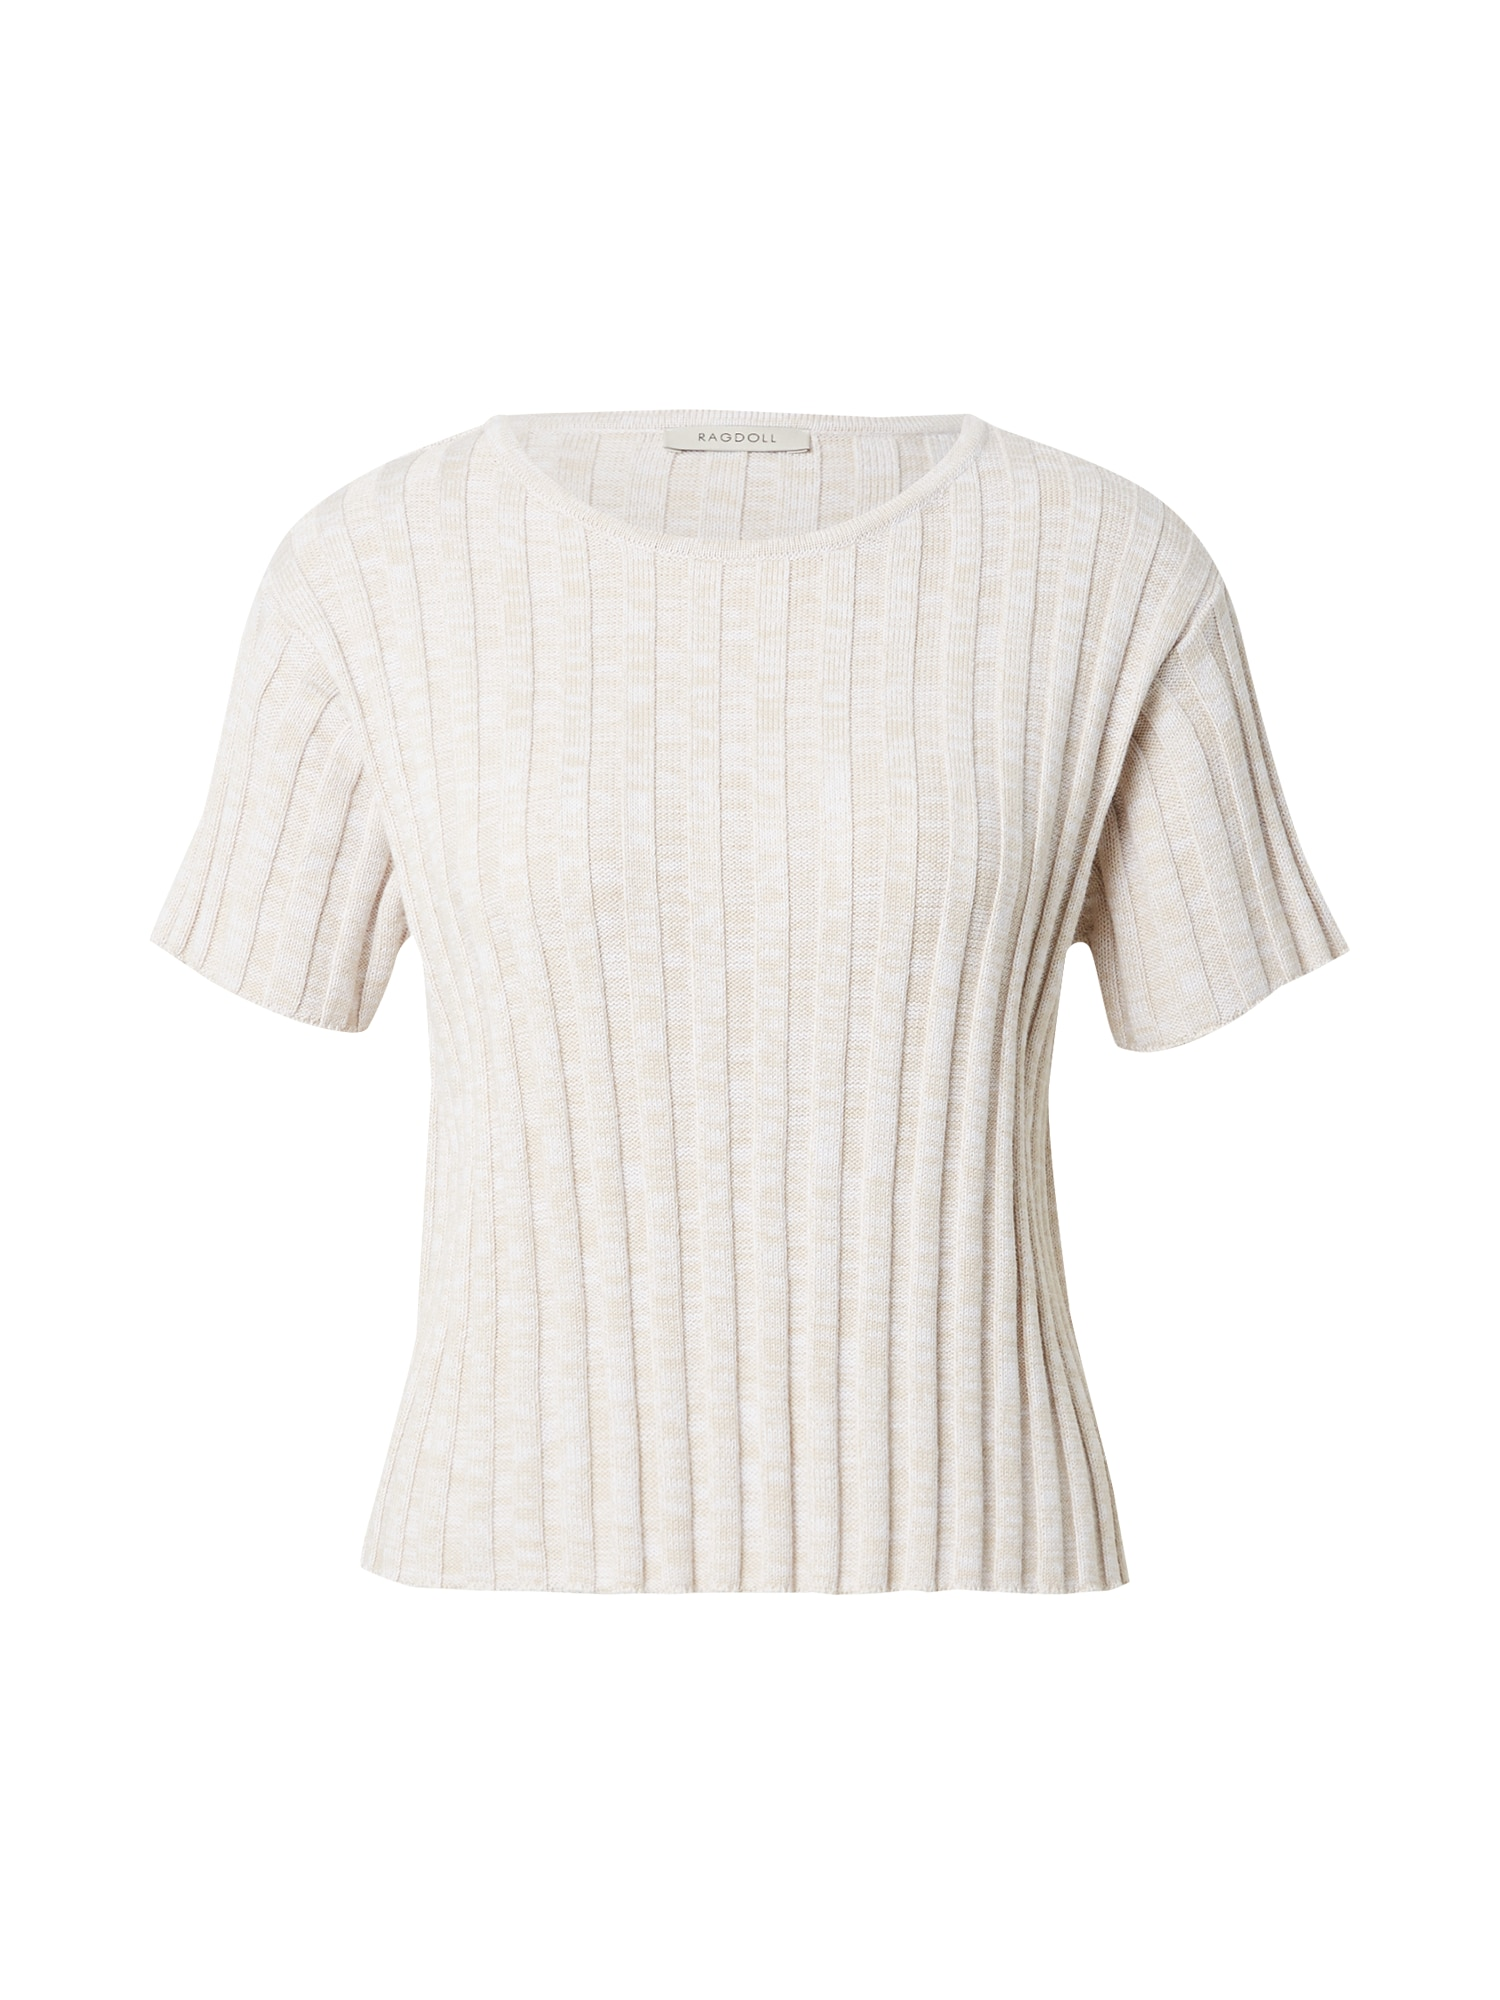 Ragdoll LA Megztinis marga smėlio spalva